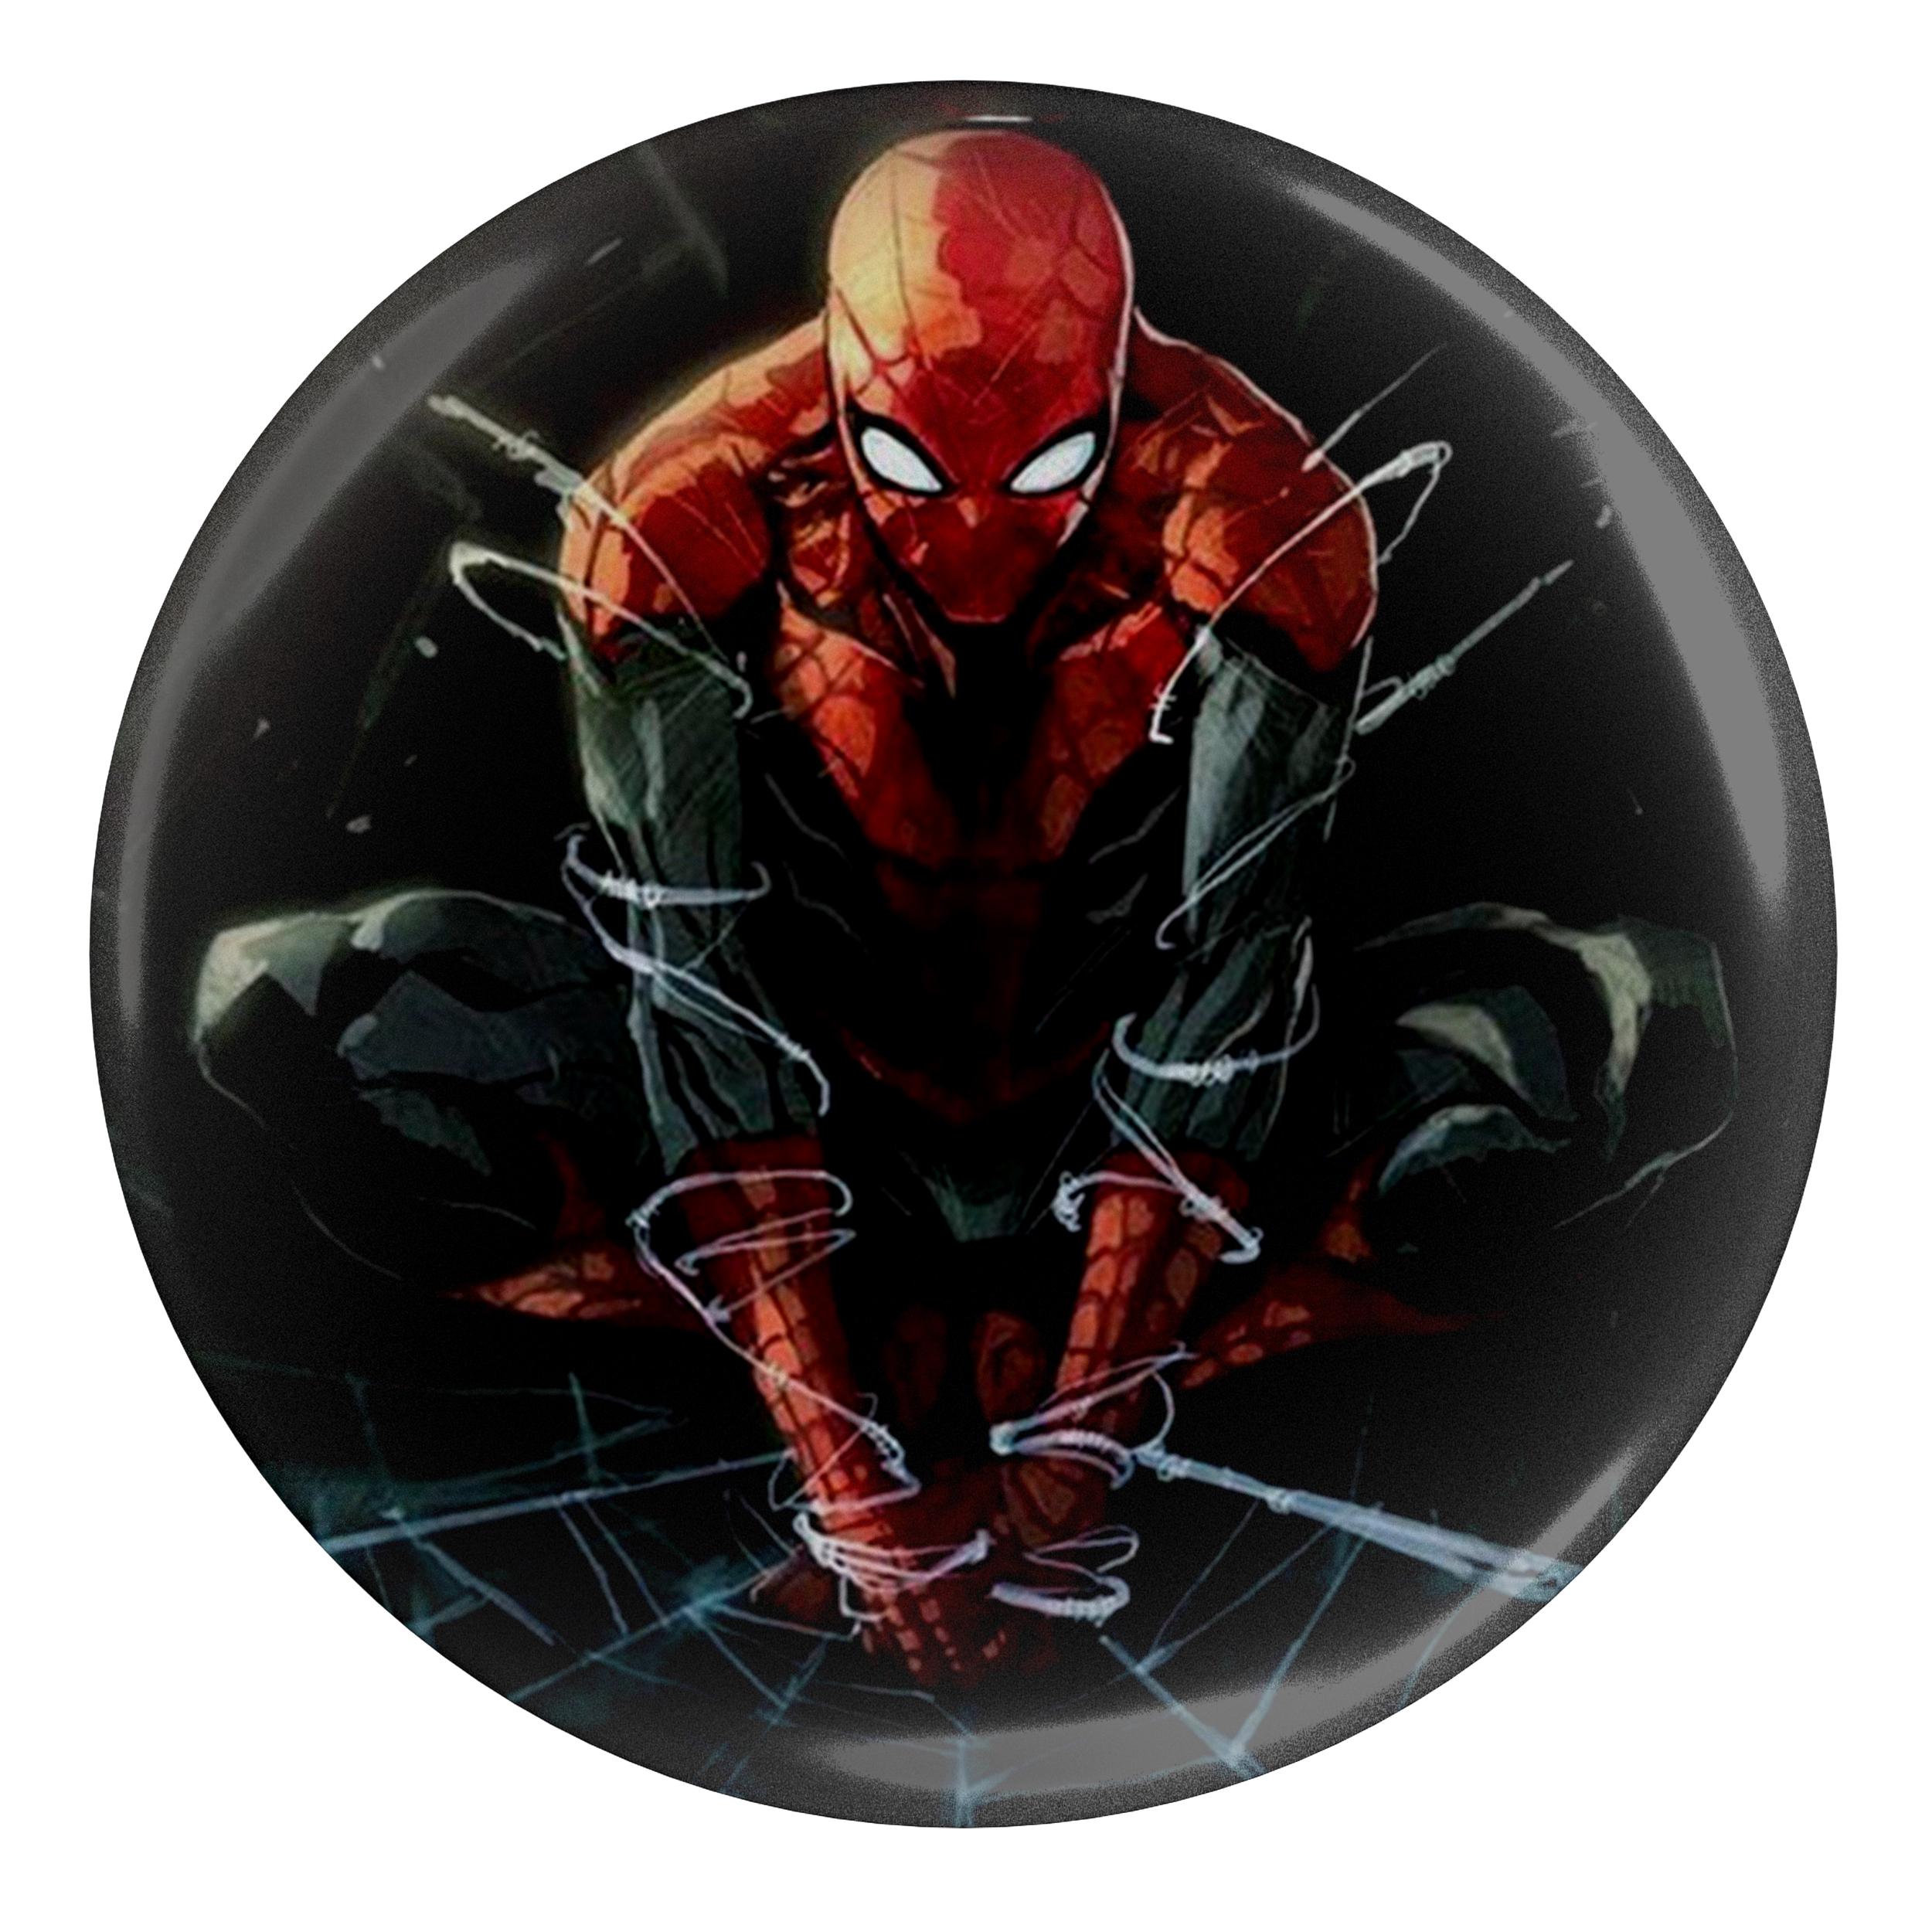 پیکسل طرح مرد عنکبوتی مدل S1574